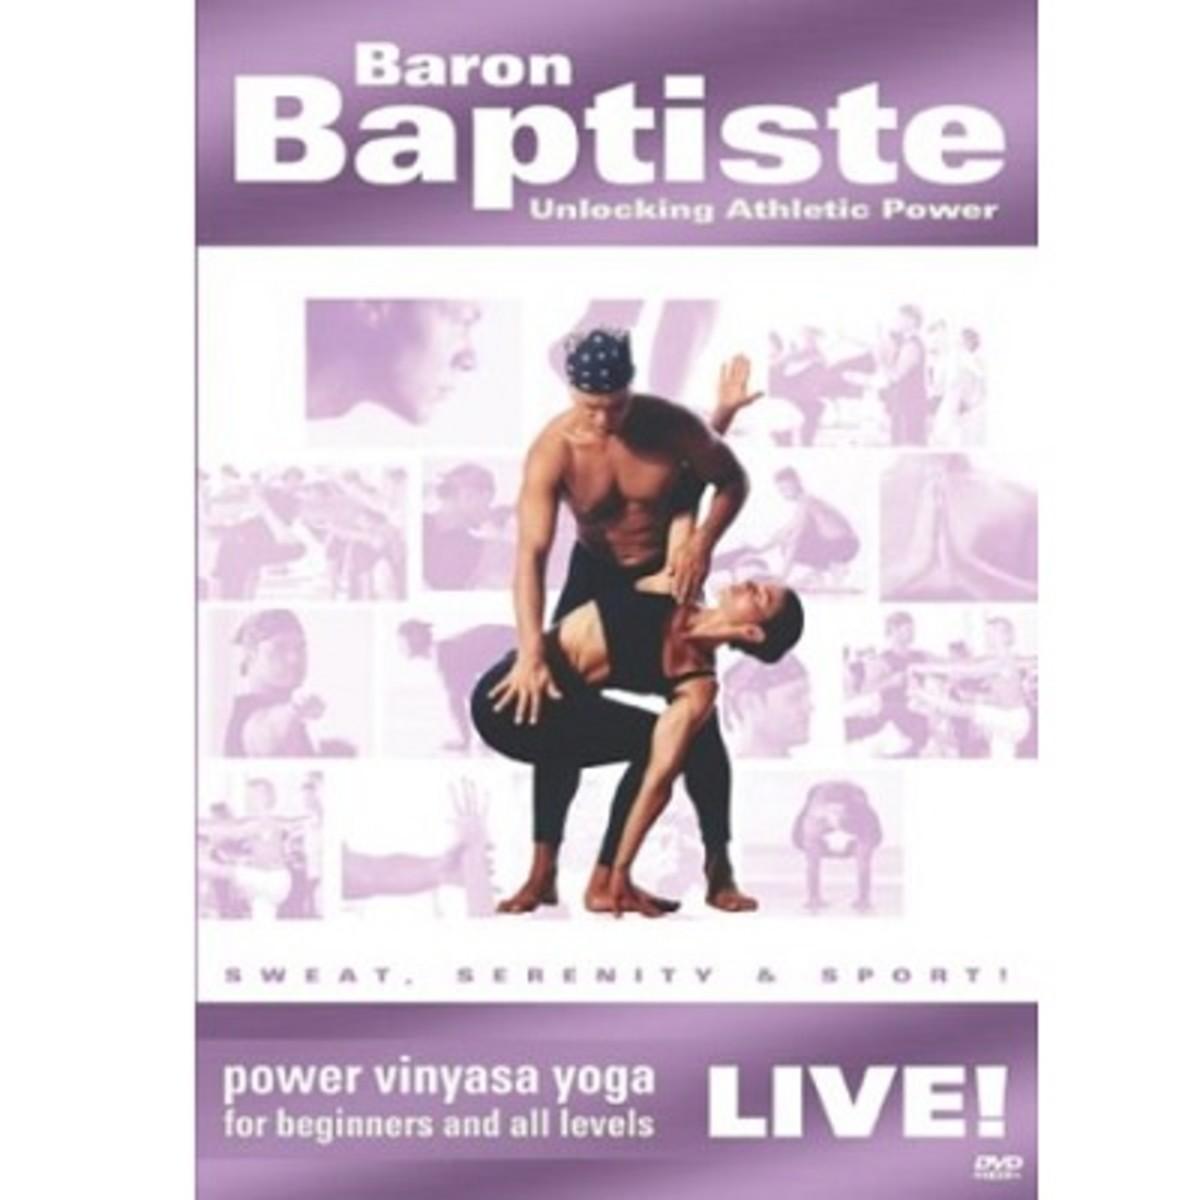 best-yoga-dvds-for-men-2012-2013